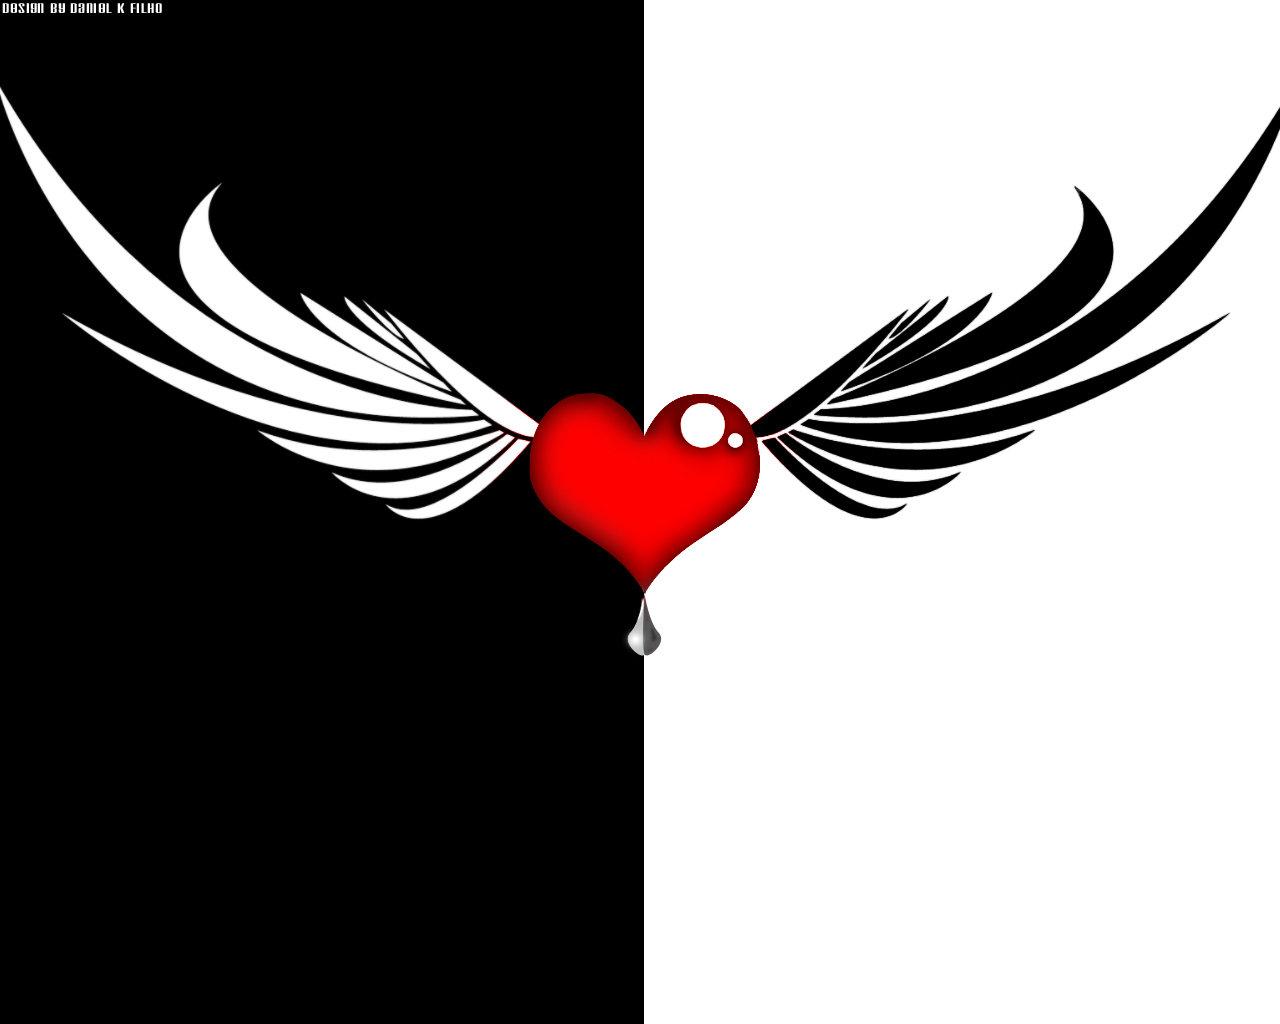 Heart Wings by MrPhoenixBR 1280x1024